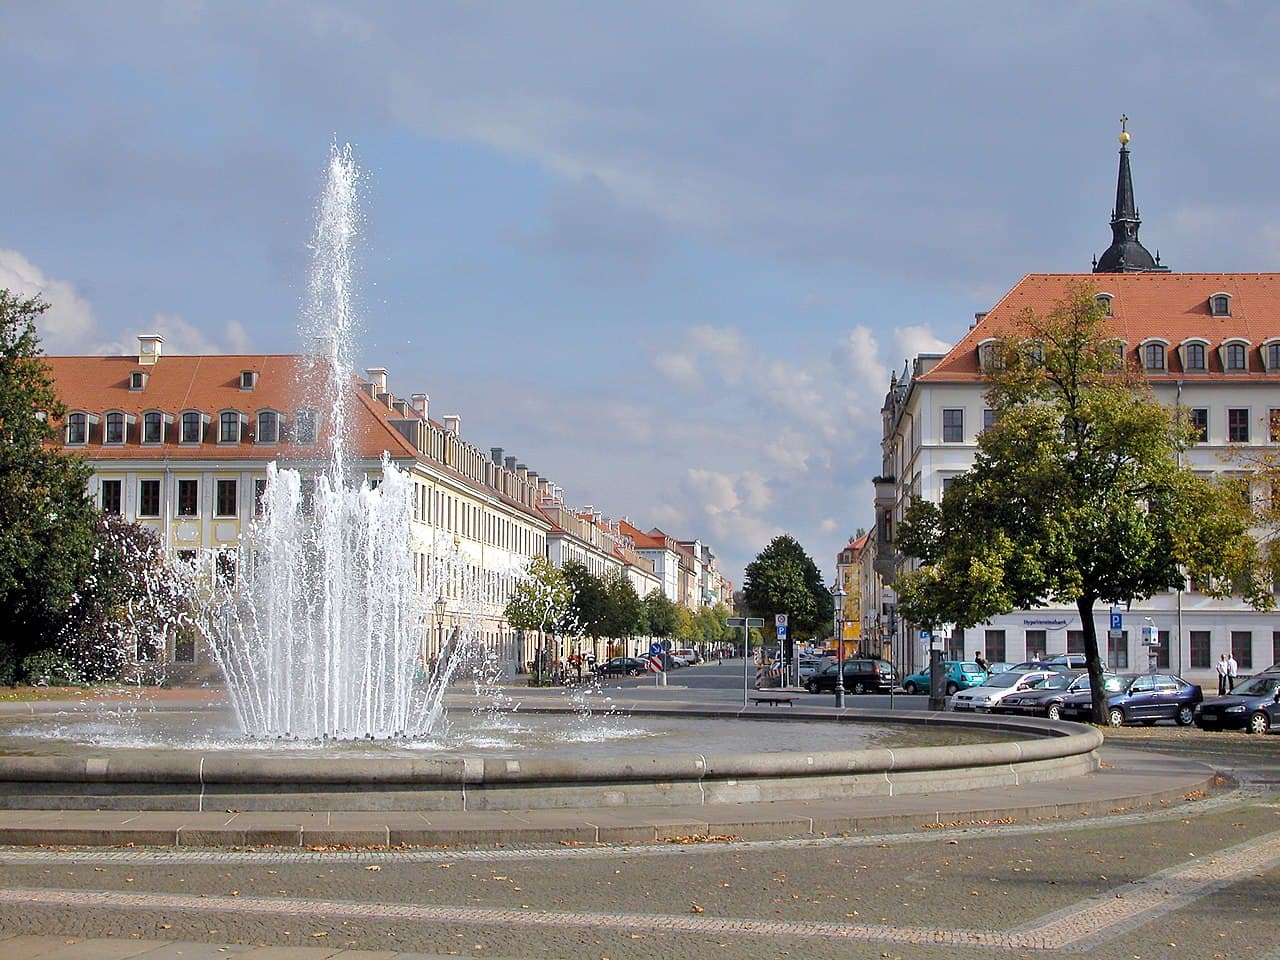 Palaisplatz